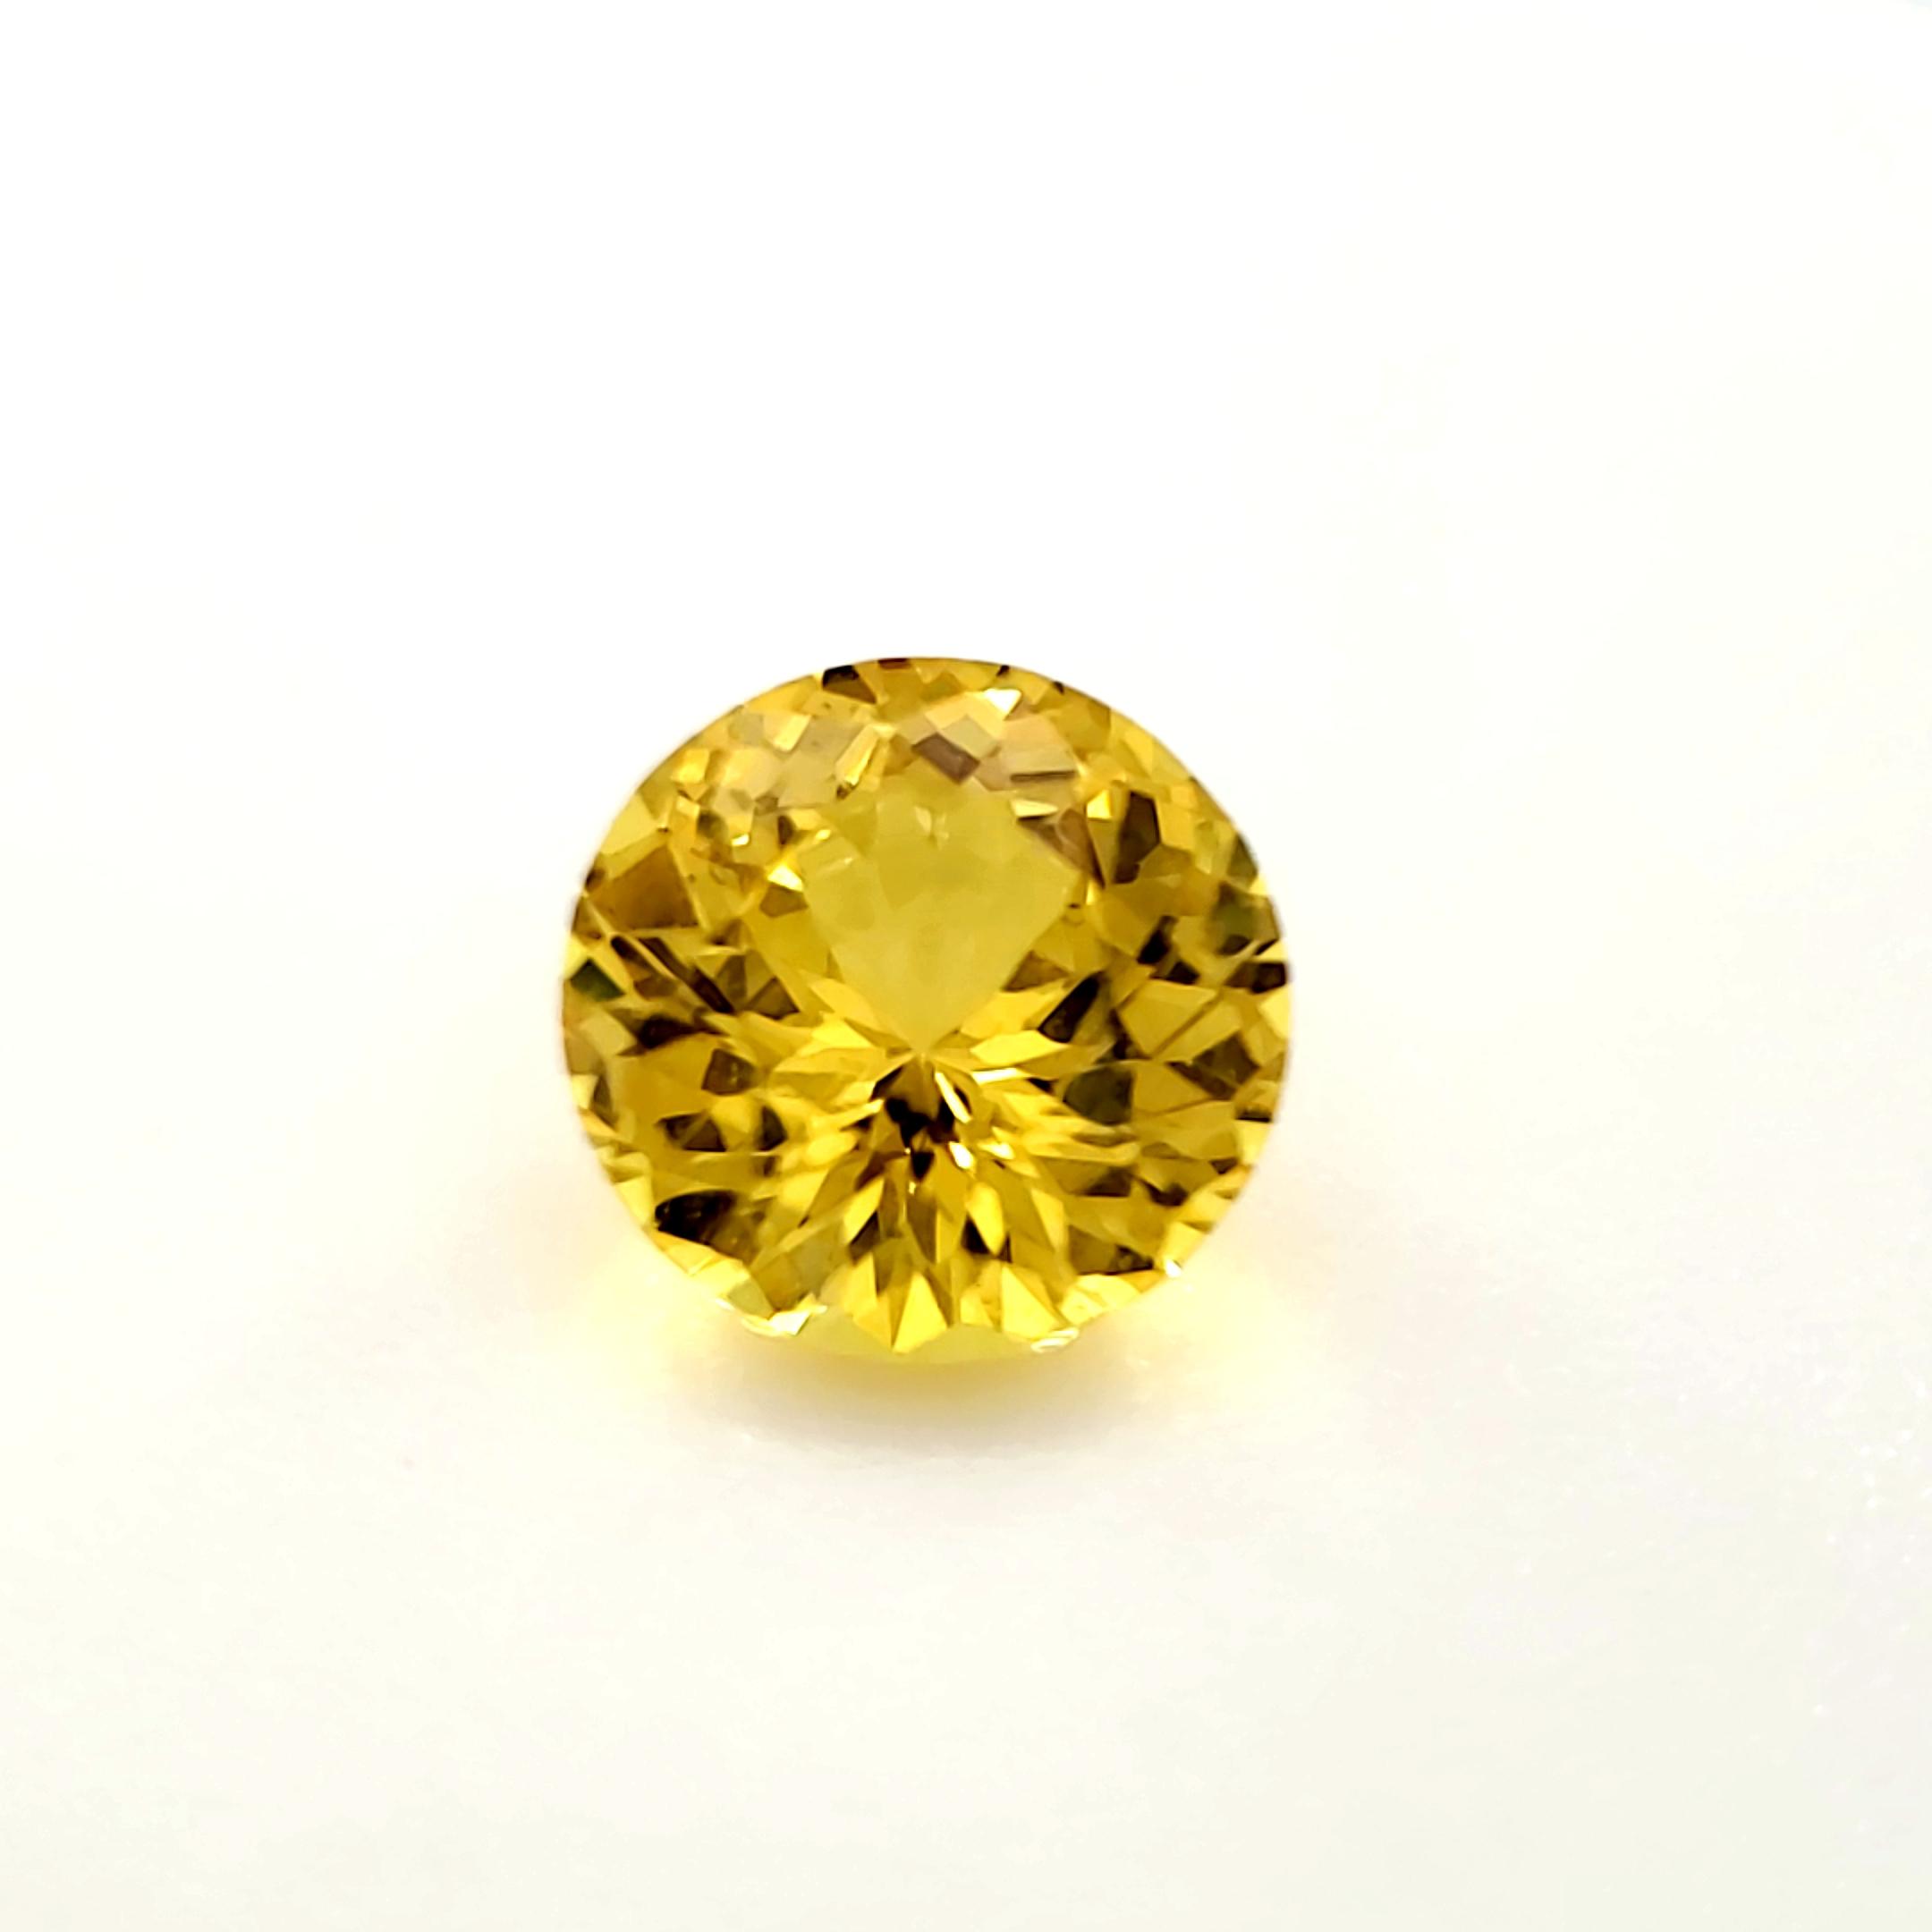 1.07 ct. Yellow Sapphire